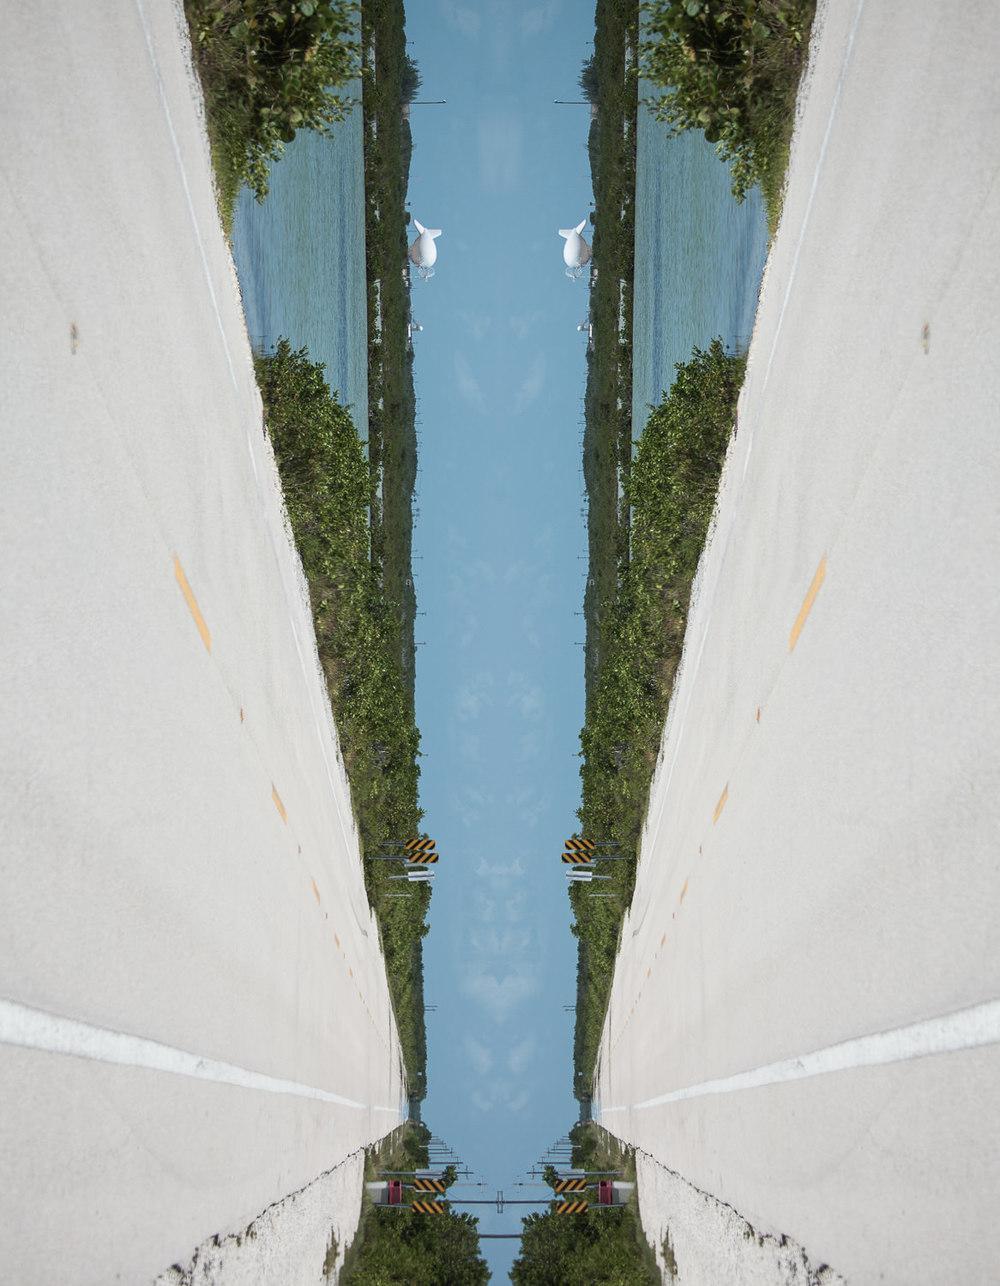 kaleidoscapes-koudis-_MG_0286-Edit.jpg